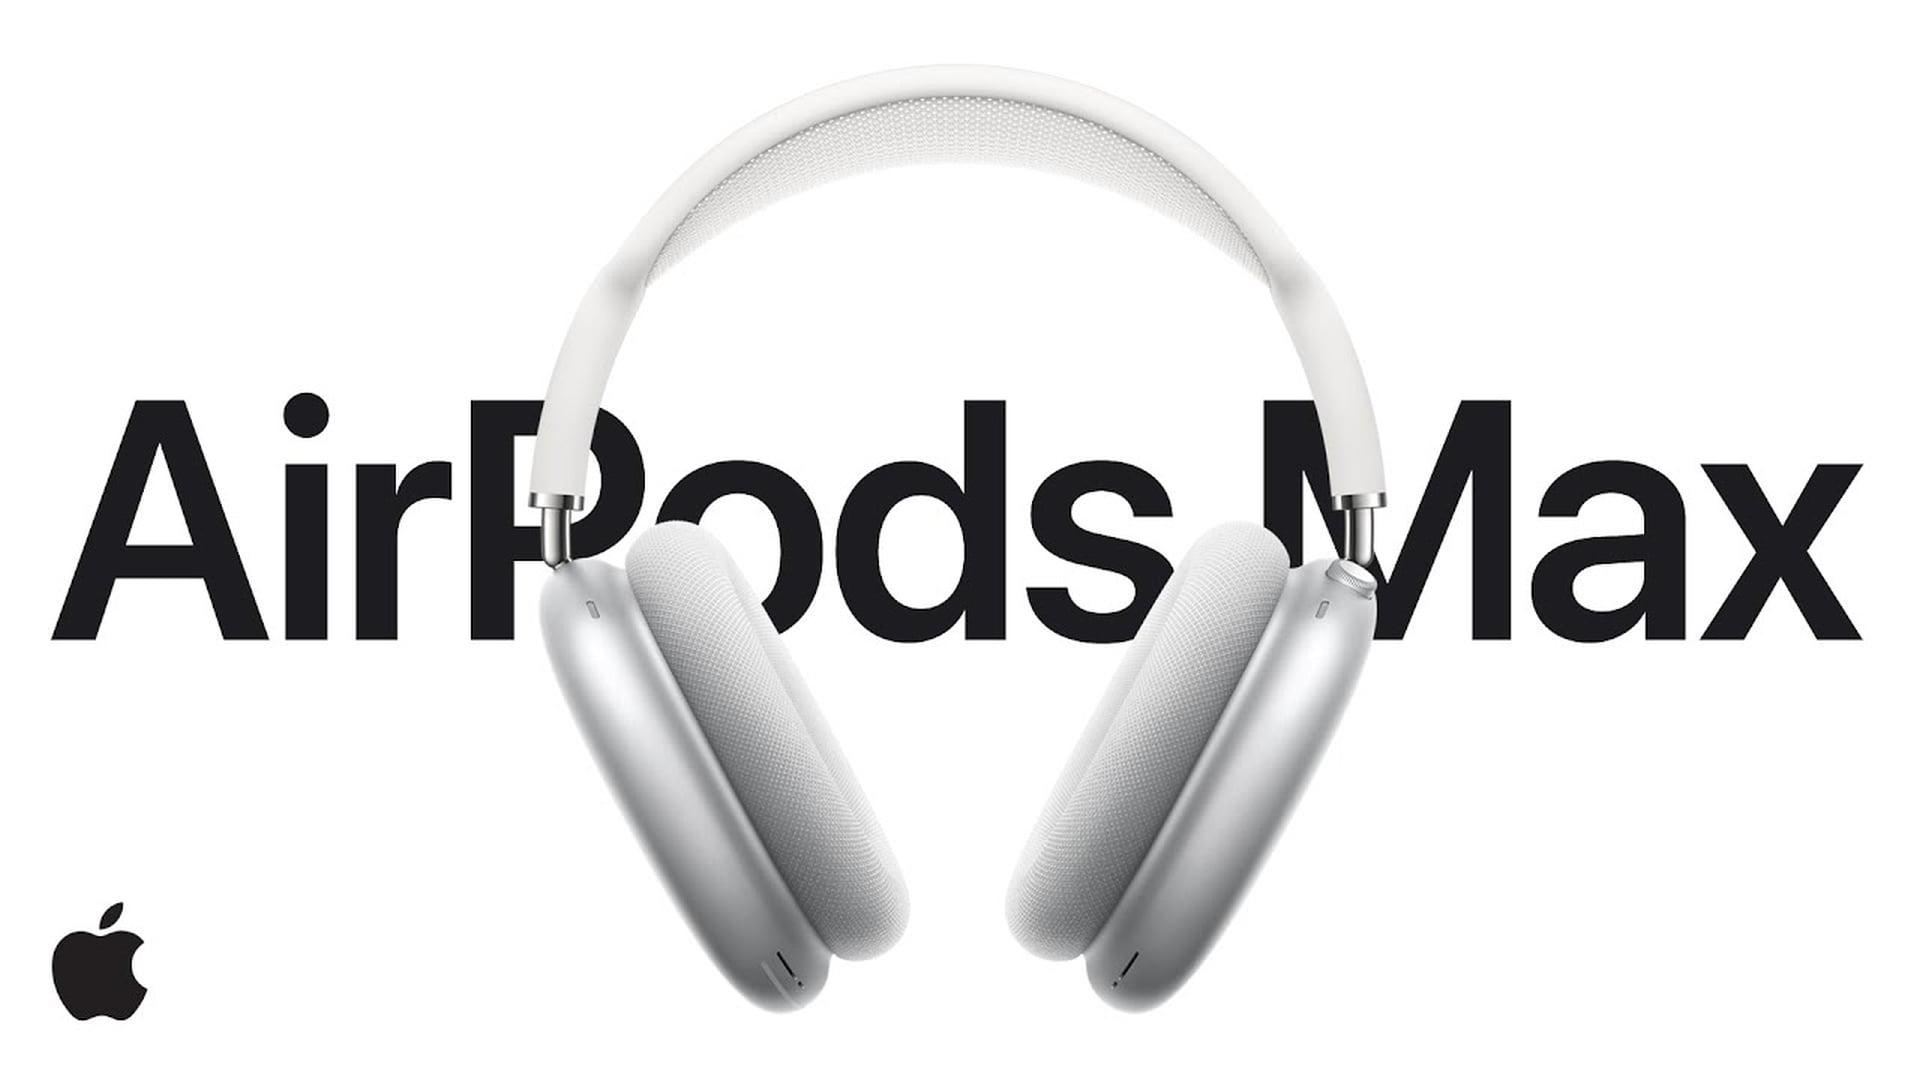 Dostępne reklamy słuchawek AirPods Max w serwisie YouTube